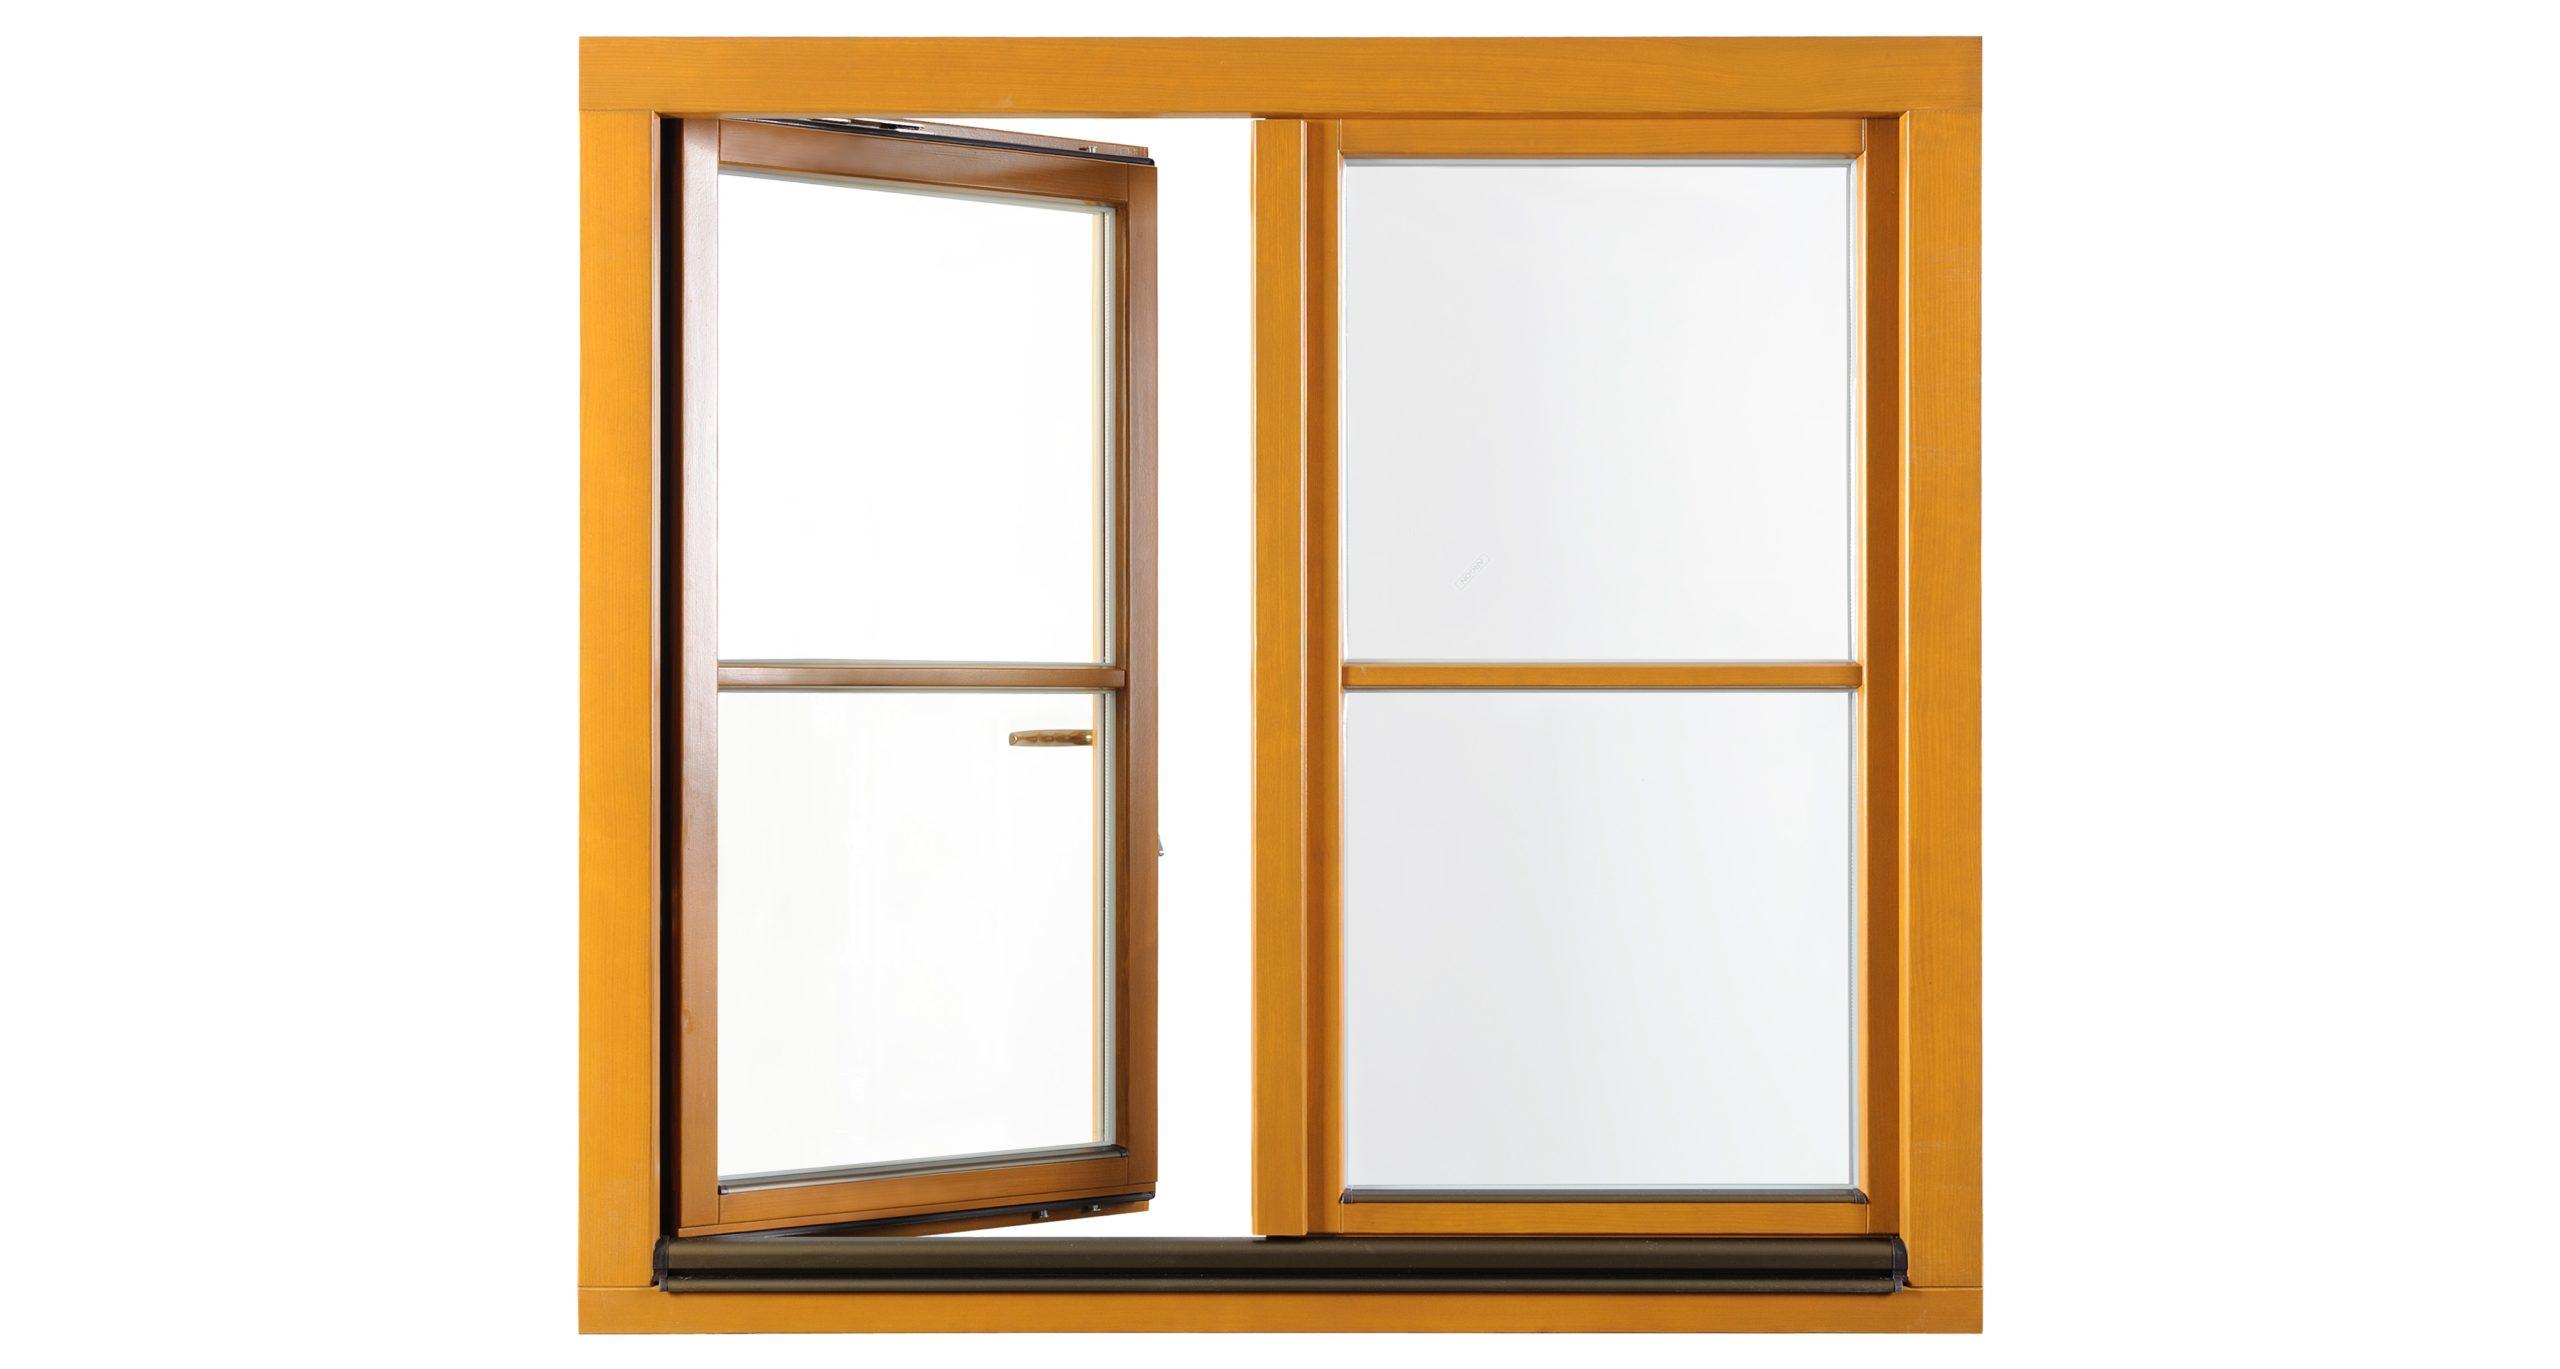 fenster richtig ausmessen t ren und fenster richtig ausmessen anleitung kunststofffenster pvc. Black Bedroom Furniture Sets. Home Design Ideas